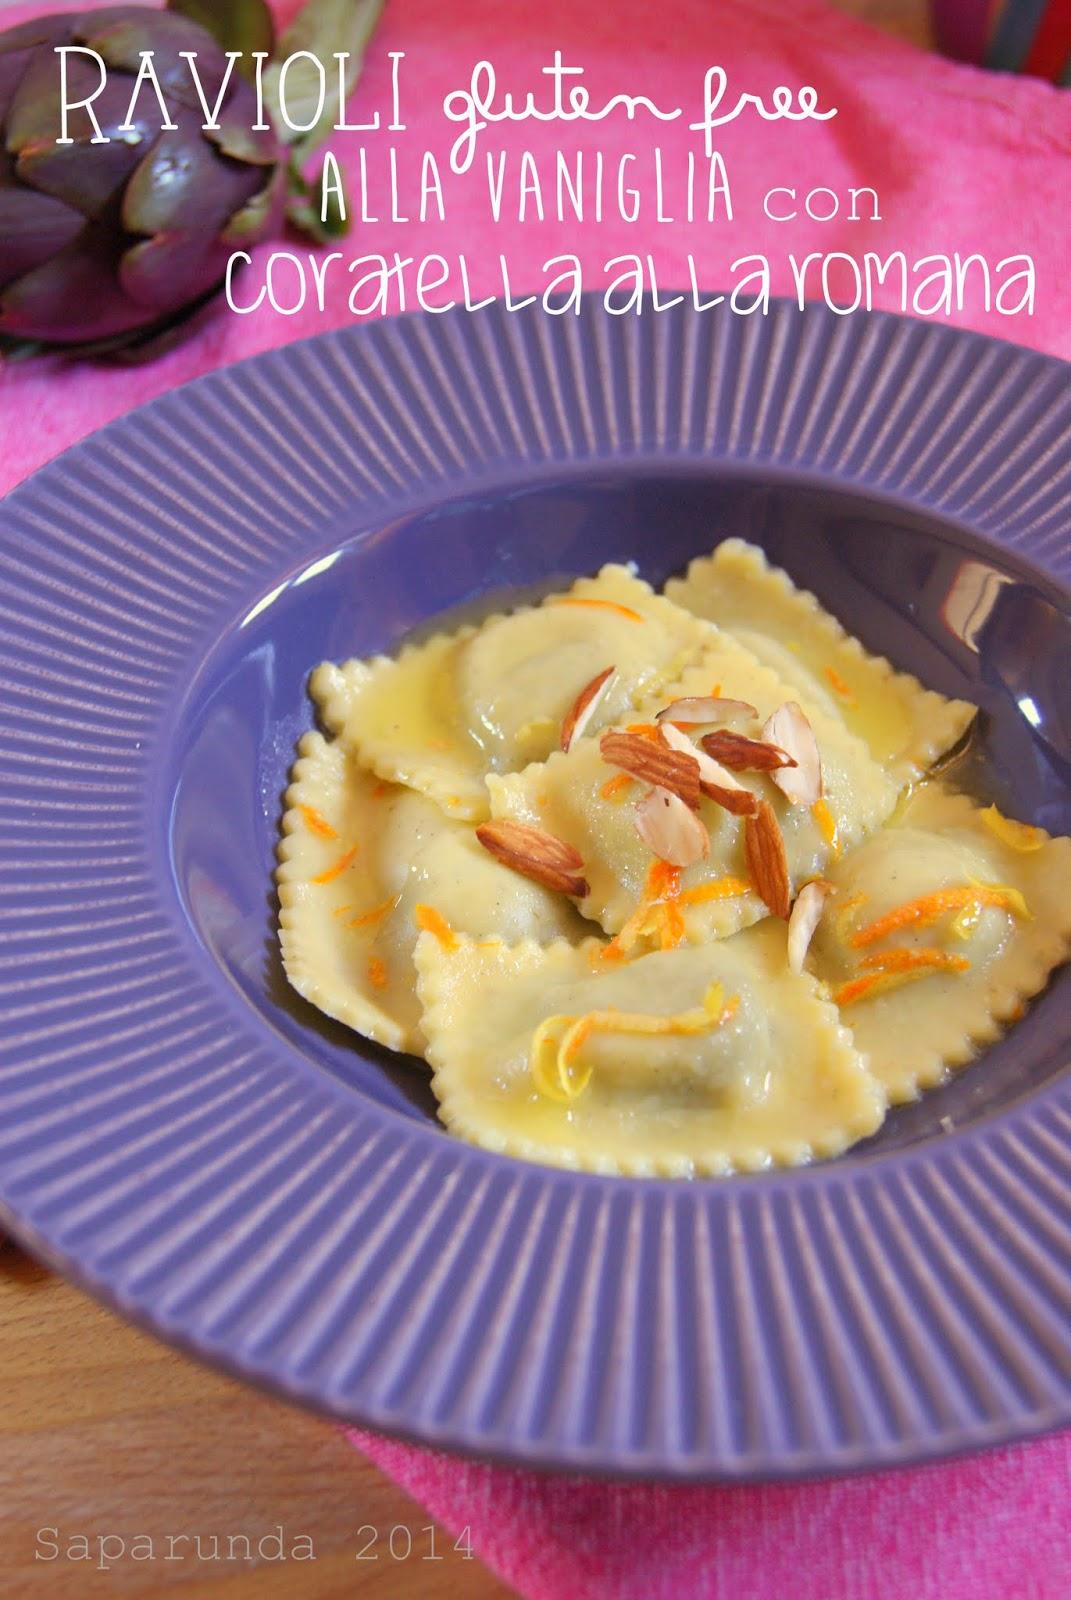 ravioli senza glutine alla vaniglia